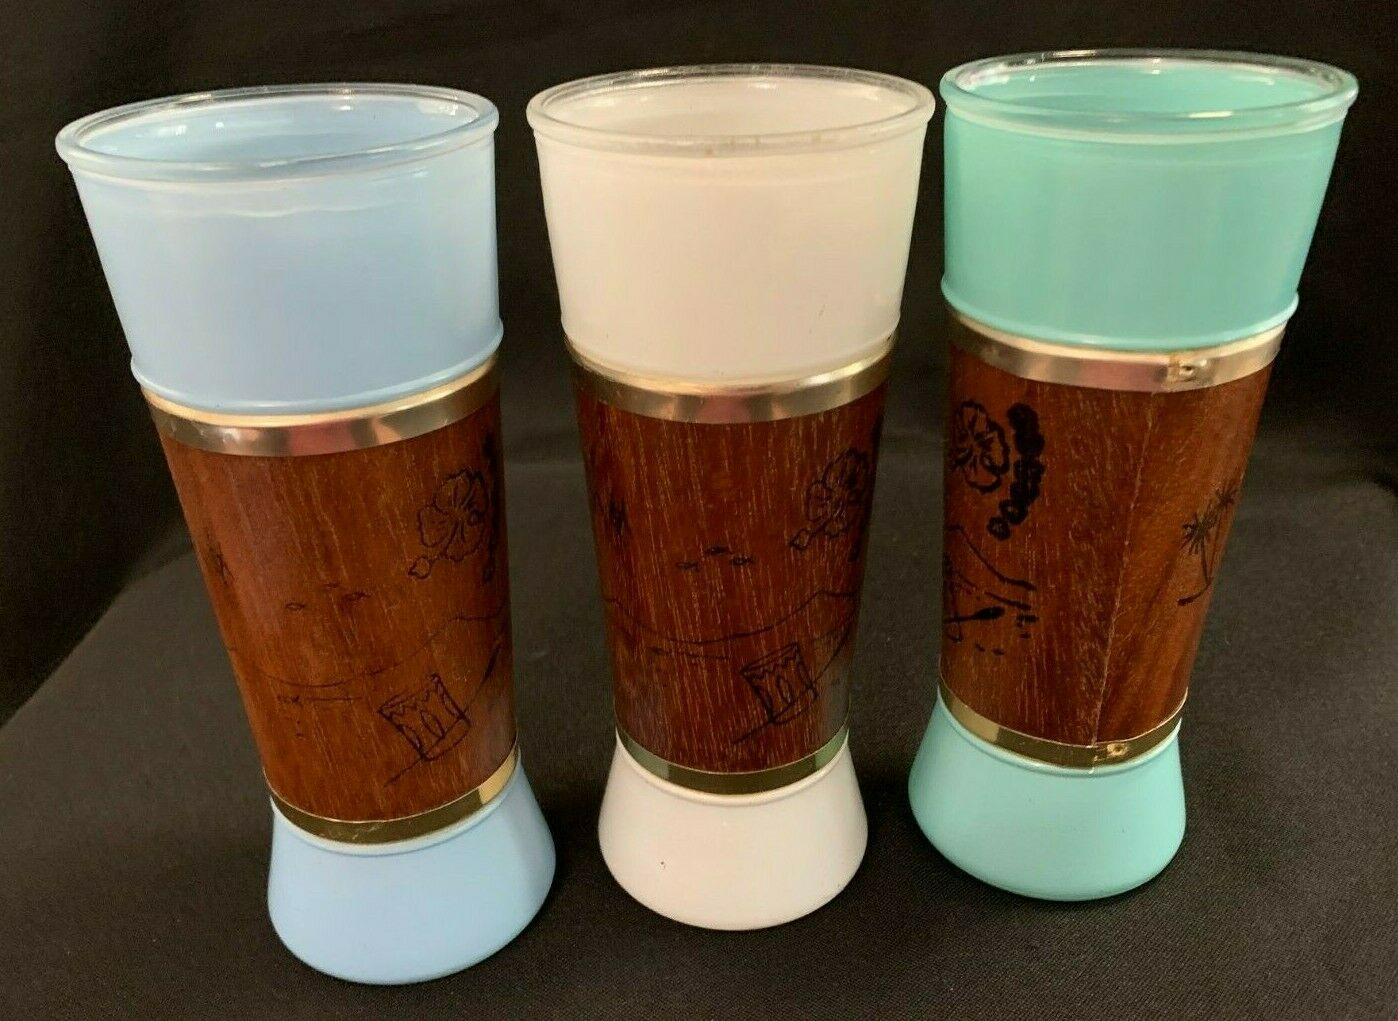 Set Of 3 Vintage Tiki Frosted Glasses Wood Veneer Wrap W/Tropical Designs Siesta - $14.99